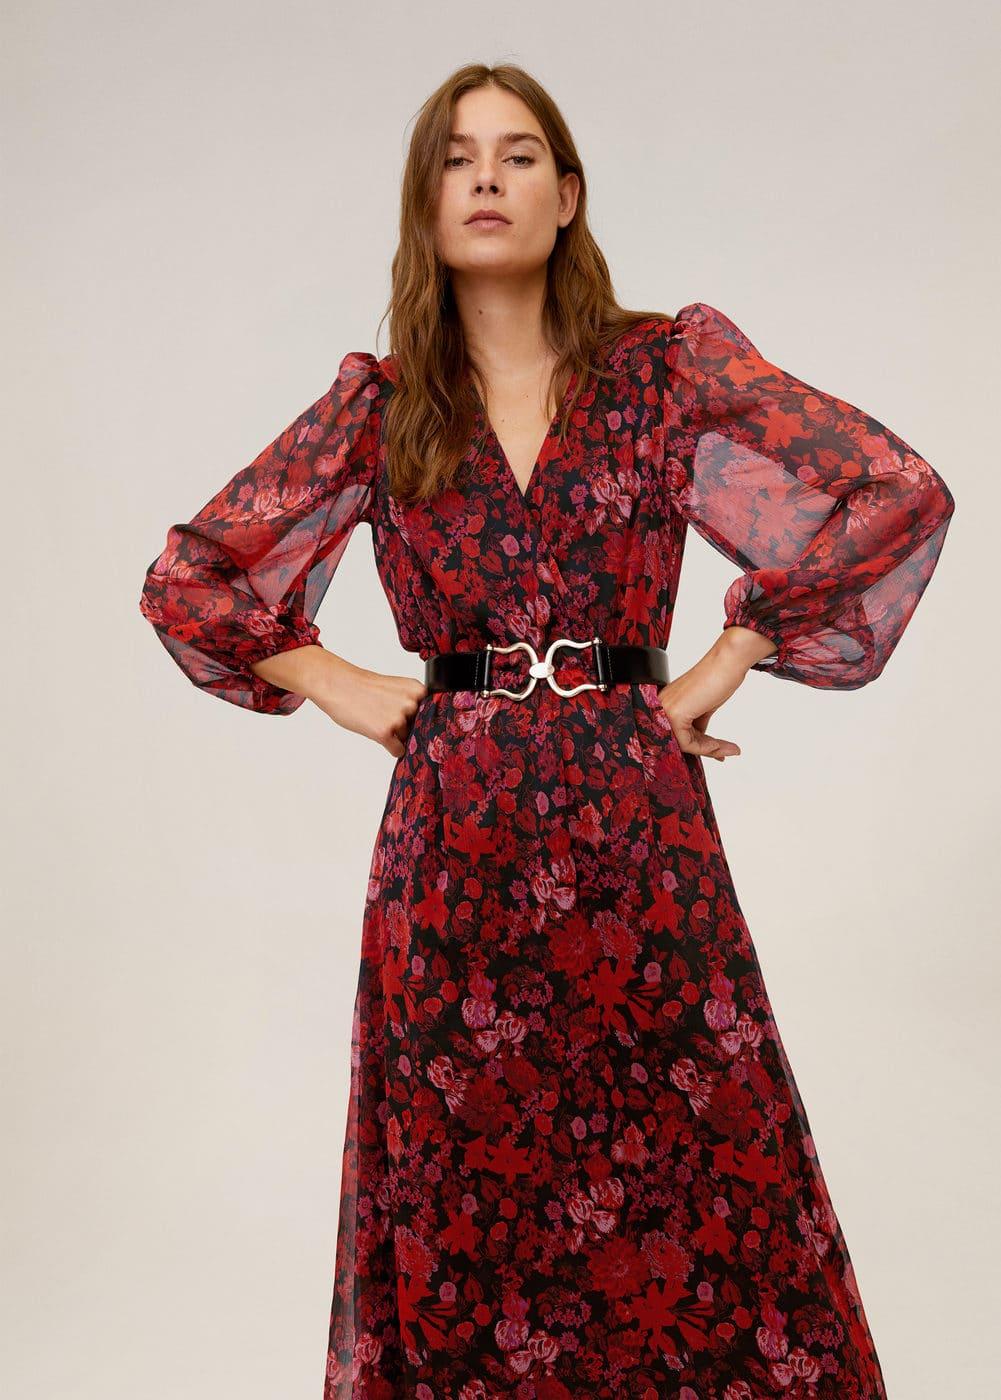 Миди-платье с цветами -  Женская | Mango МАНГО Россия (Российская Федерация)